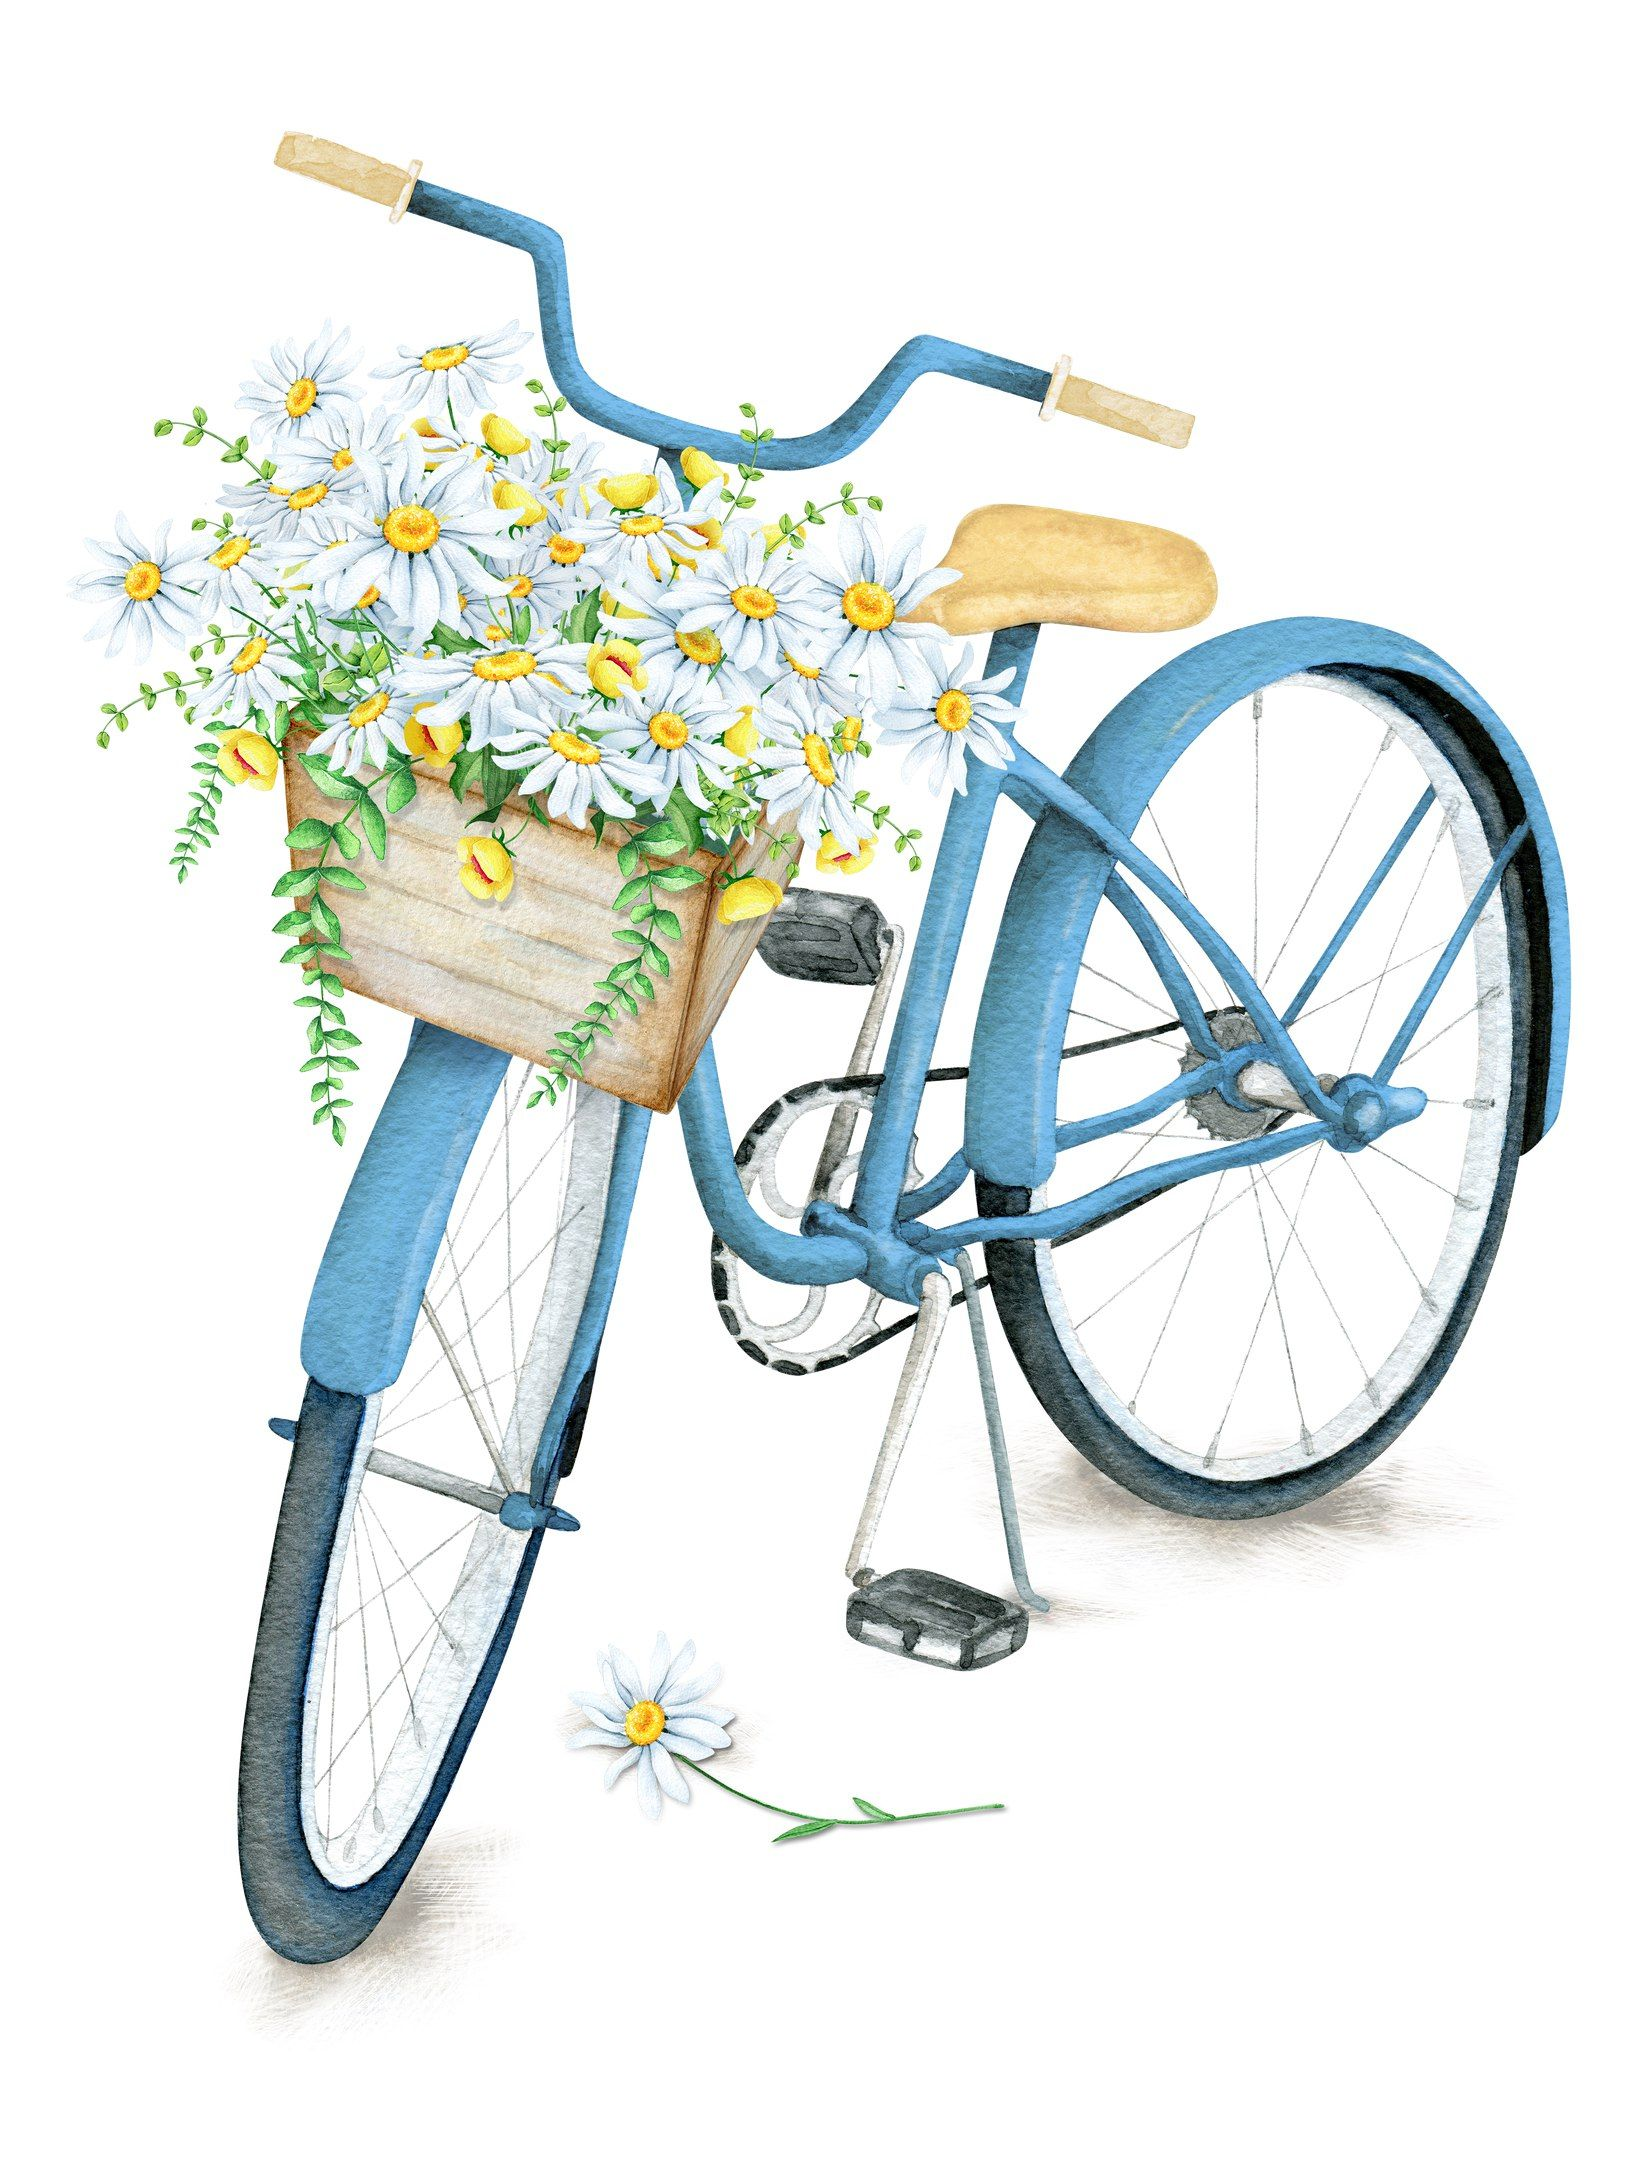 Pin de Babrush en odd pictures | Pintura de bicicletas